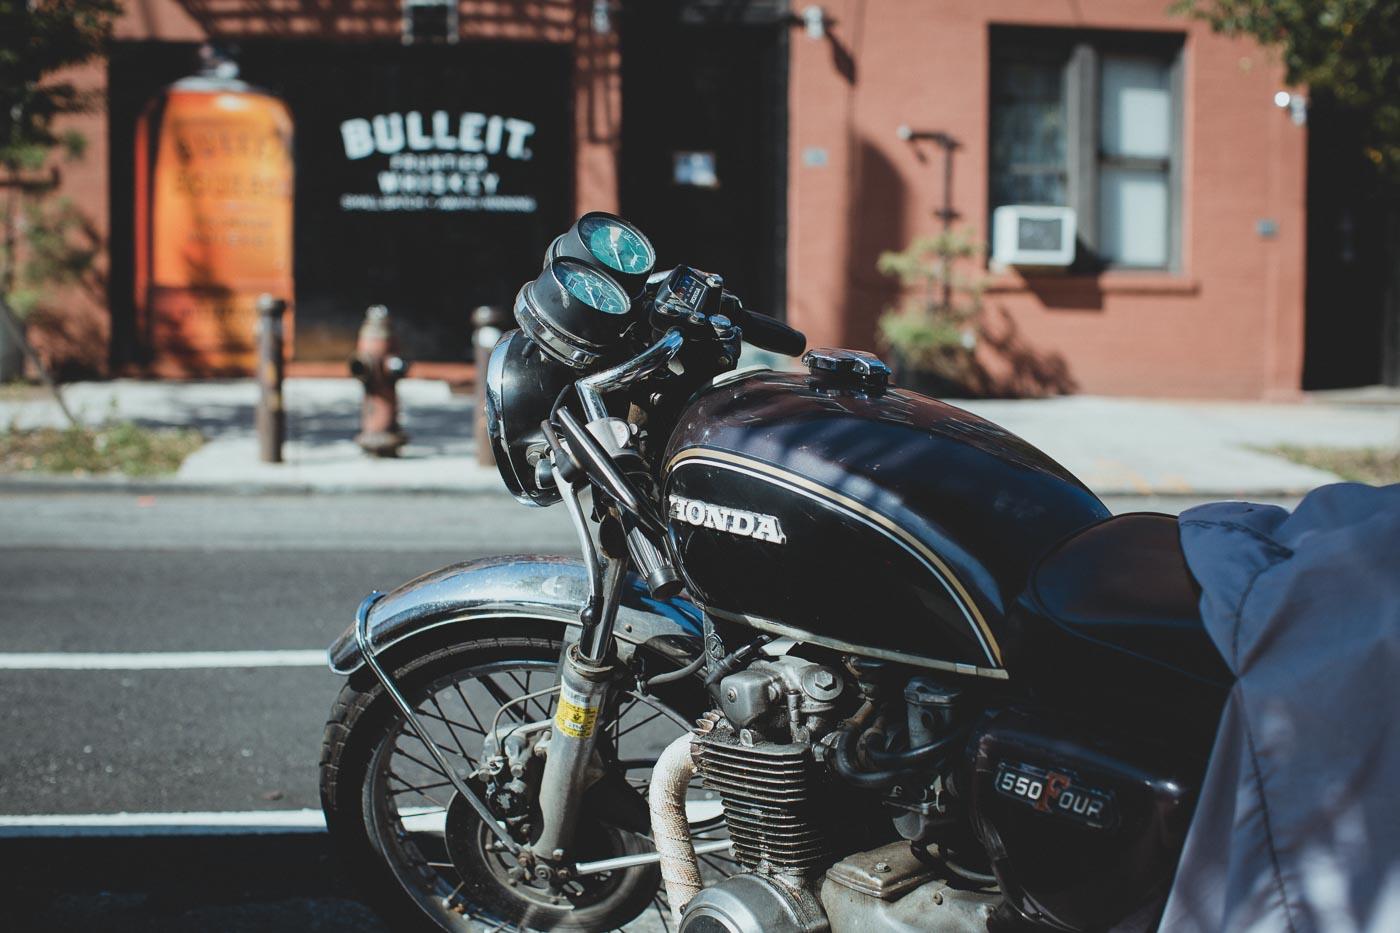 WilkieVintage_Motorcycle_Projects @ Alan Thomas Duncan Wilkie-32.jpg